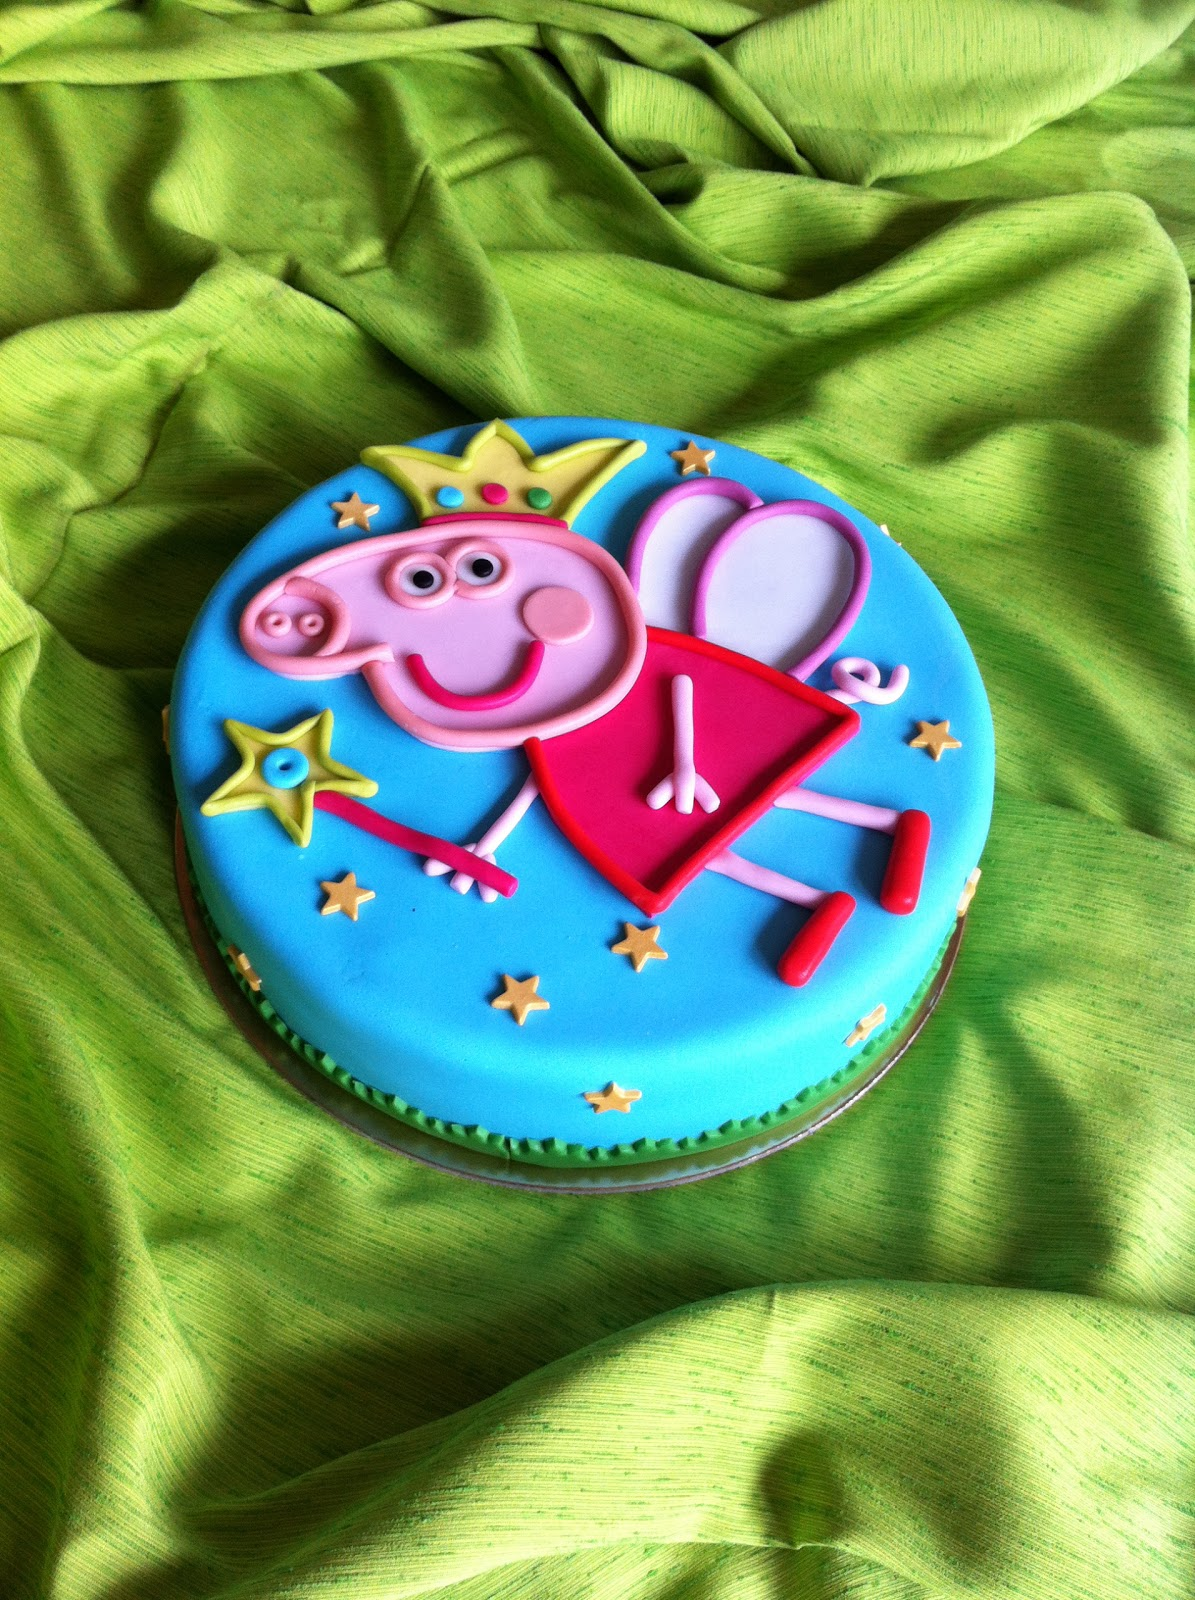 PEPPA PIG CAKE-by Red Carpet Cake Design | Red Carpet Cake ...